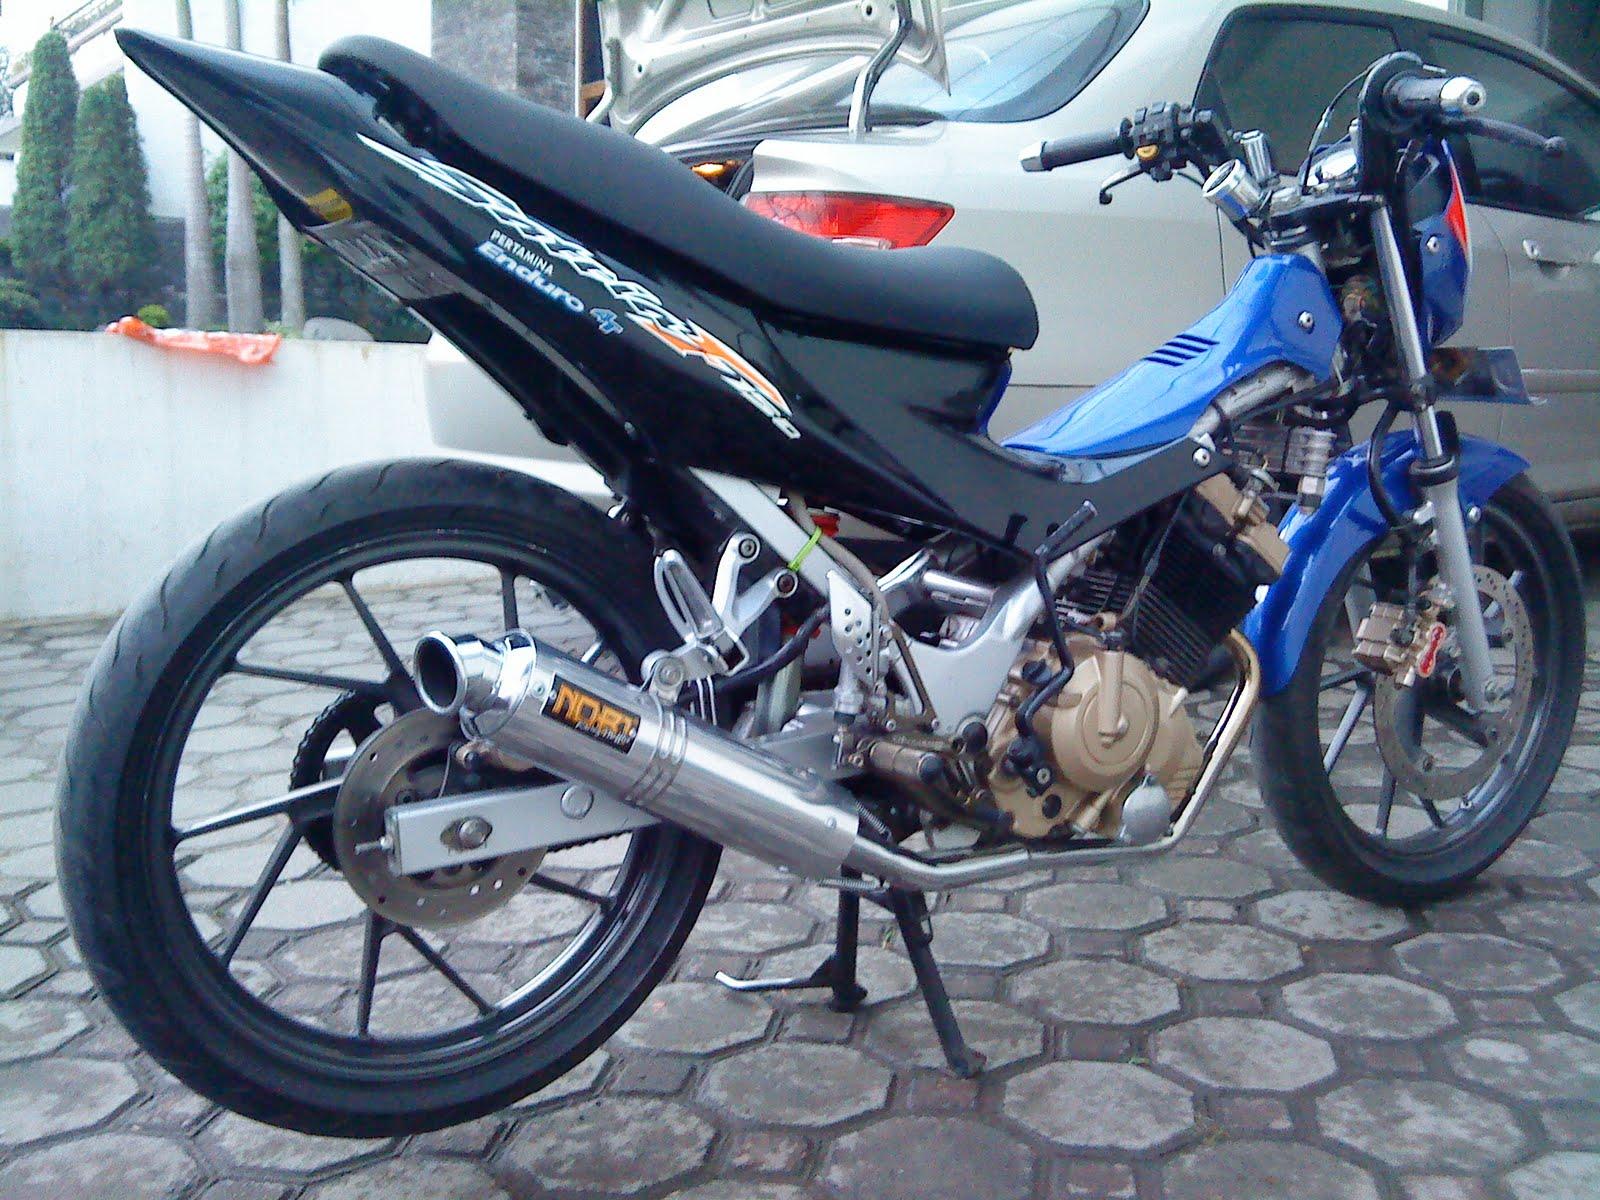 JDM Lover JDM STYLE MOTOR